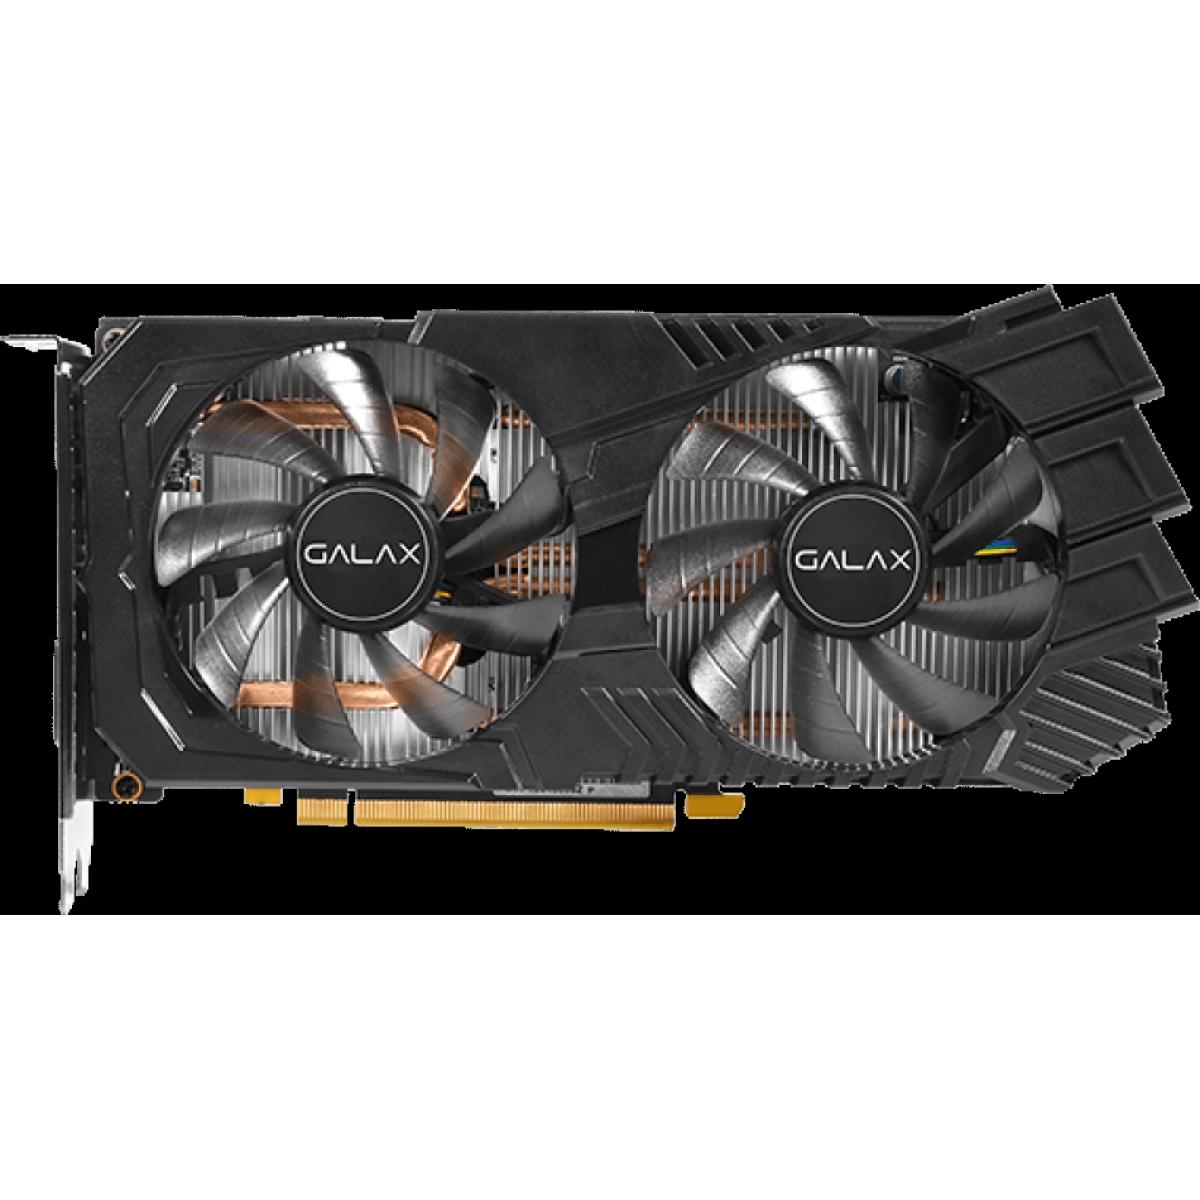 Placa de Vídeo Galax GeForce GTX 1660 Super X Edition (1-Click OC) Dual, 6GB GDDR6, 192Bit, 60SRL7DS05XV